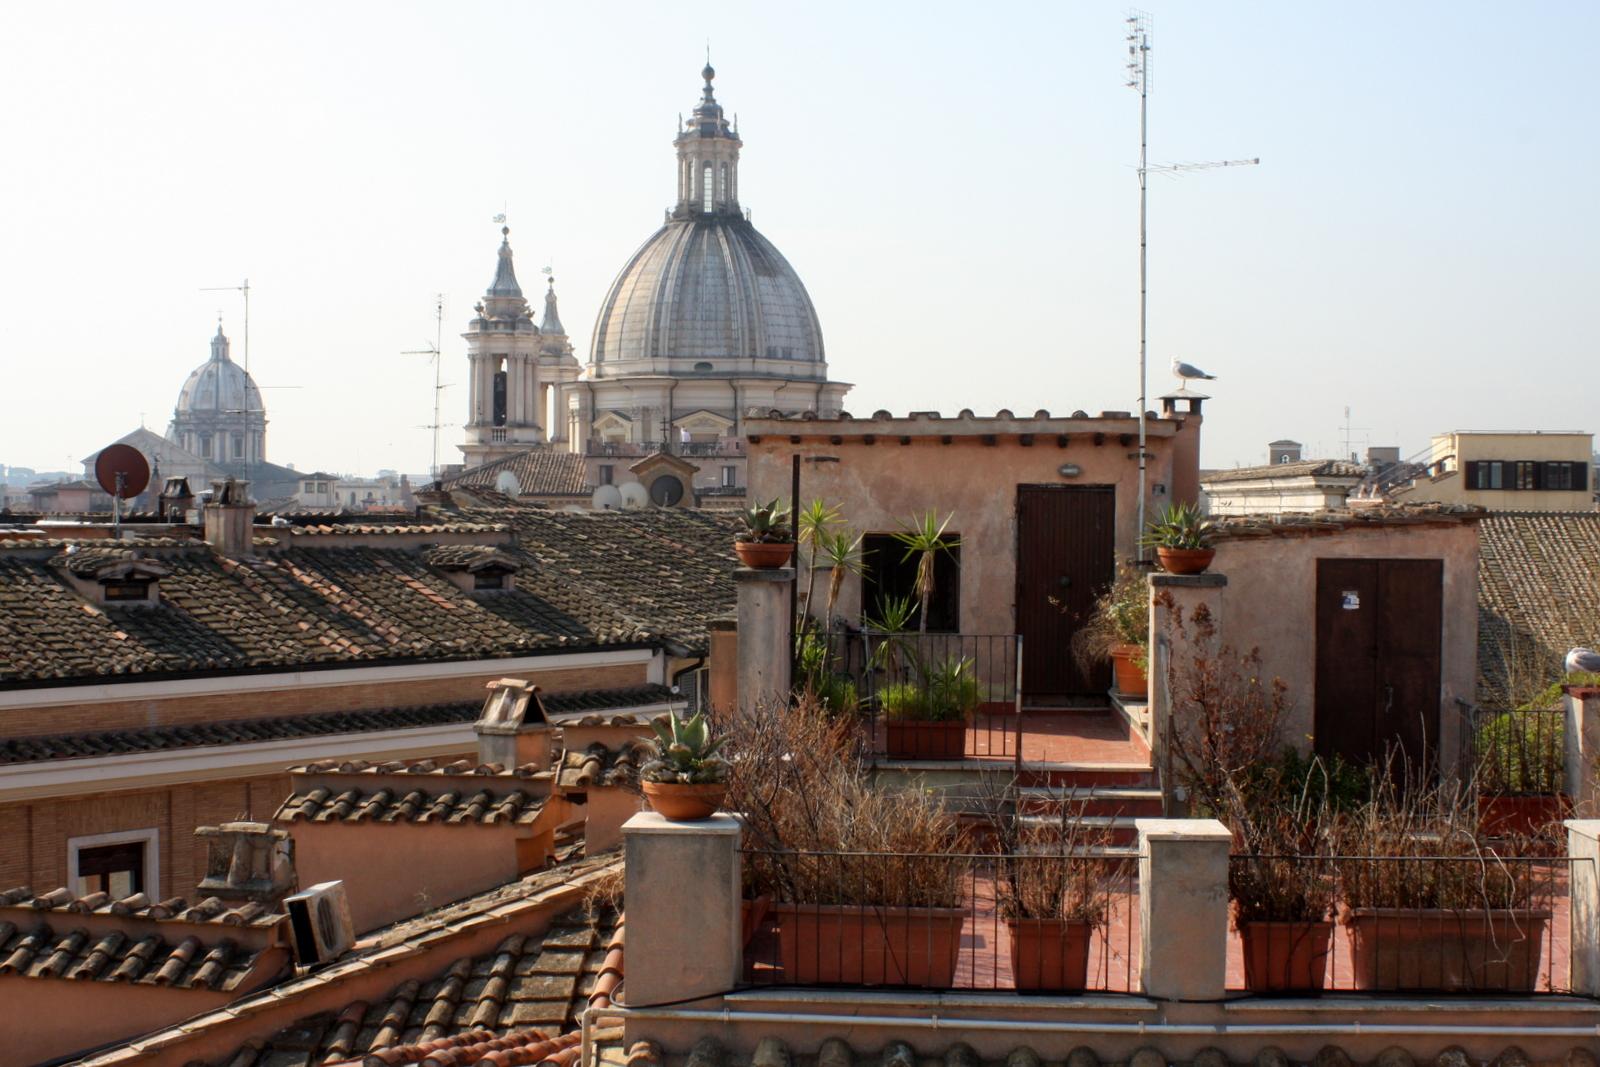 Antica Dimora delle Cinque Lune, Rooma kattoterassi